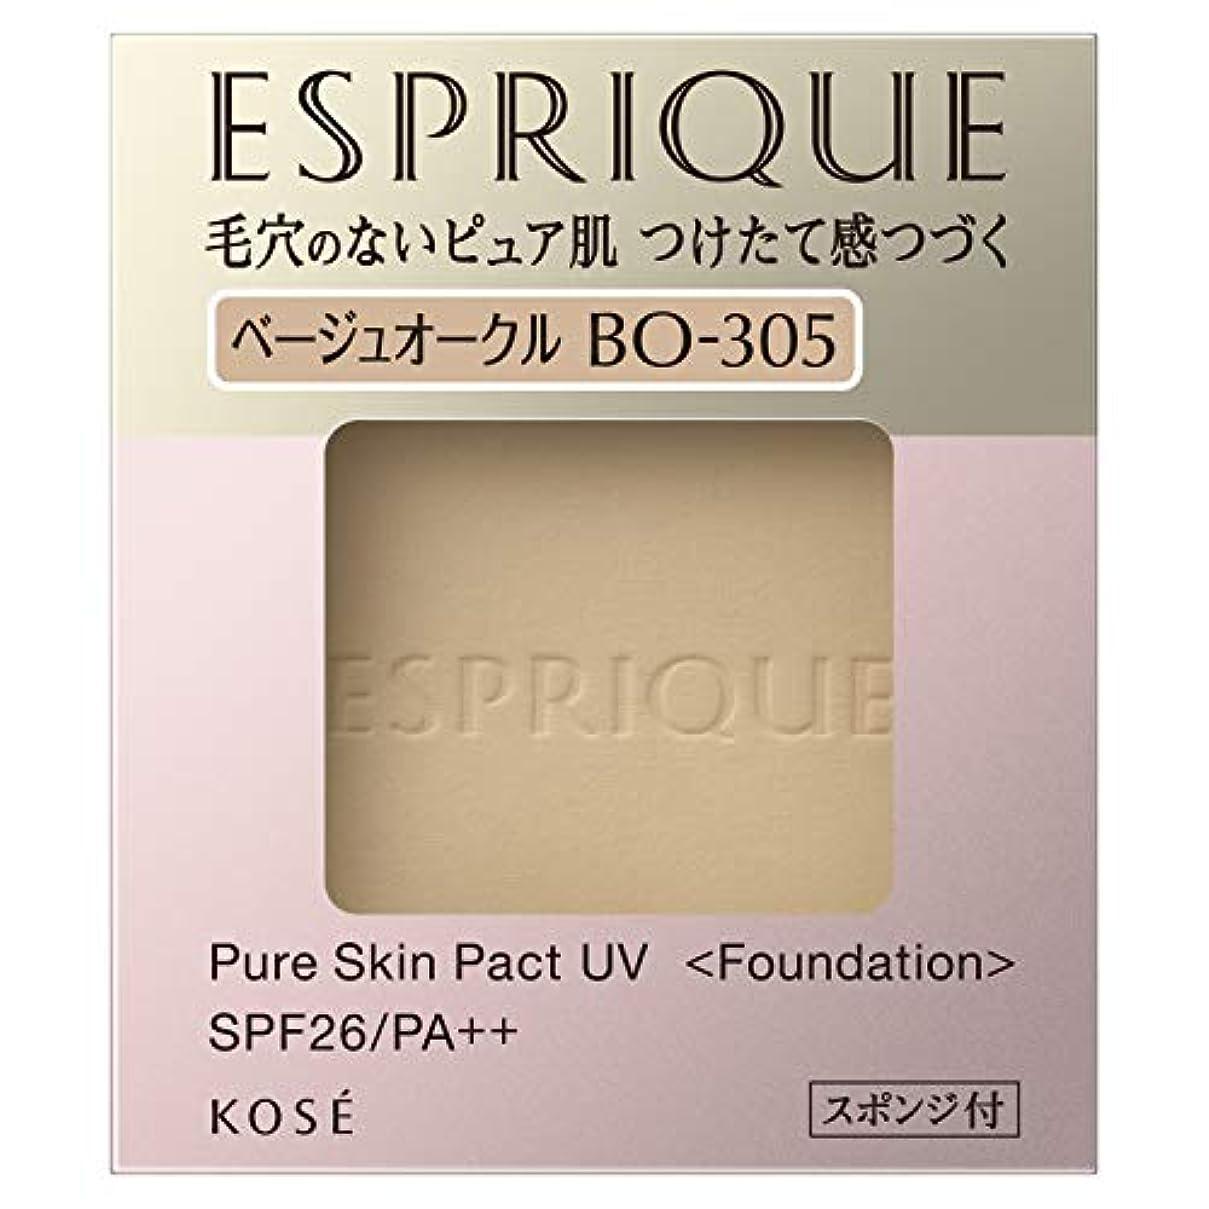 粒死傷者インゲンエスプリーク ピュアスキン パクト UV BO-305 ベージュオークル 9.3g